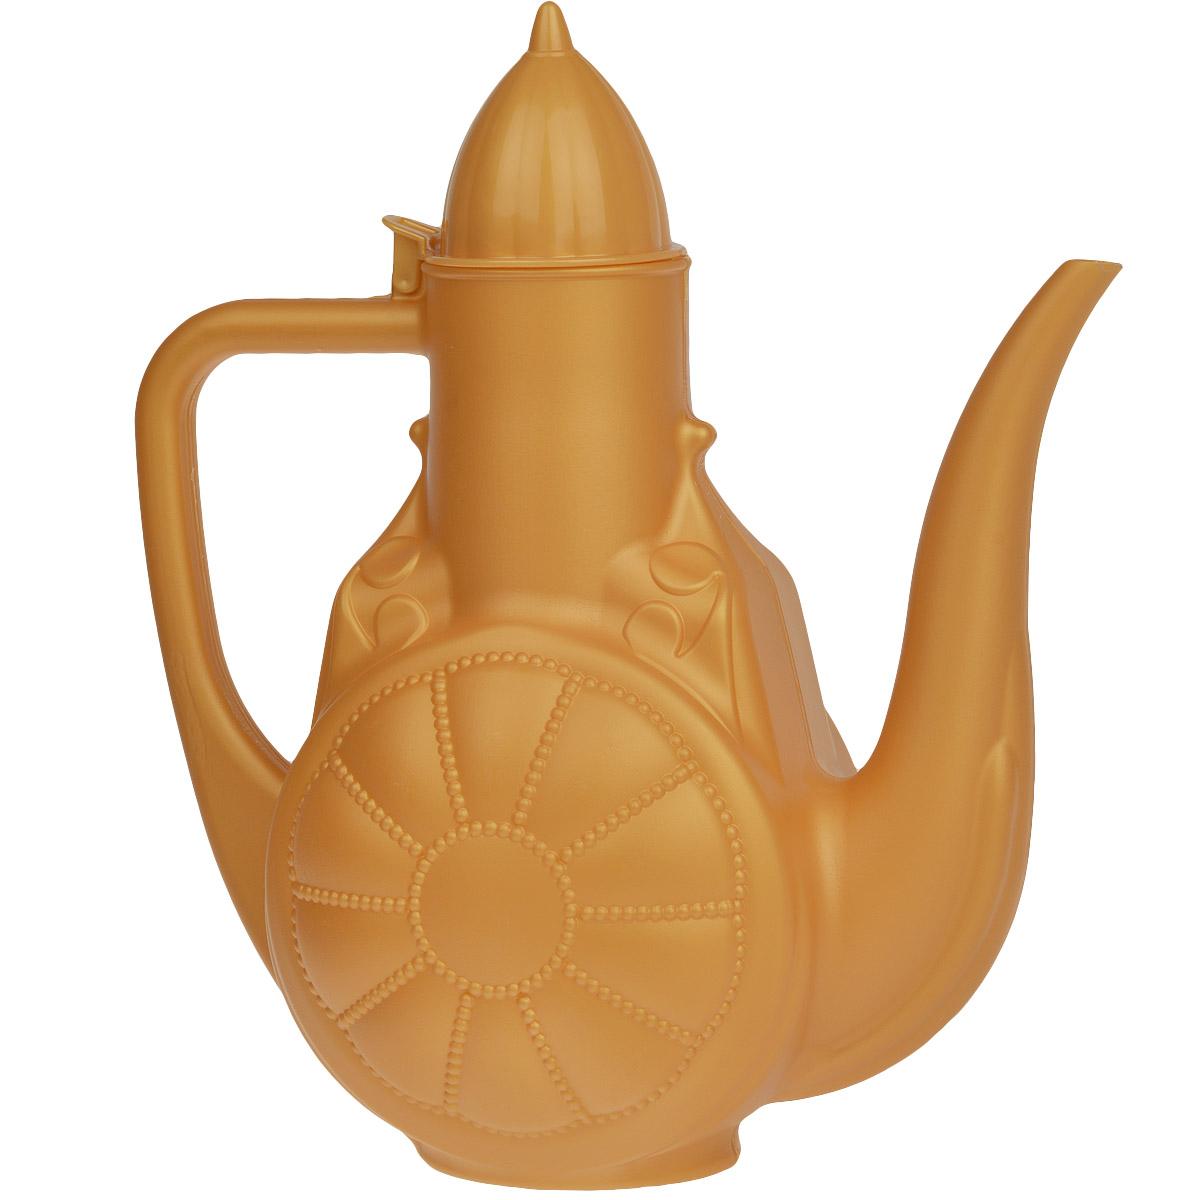 Кувшин Альтернатива Восточные сказки, цвет: оранжевый, 3 лM1795Кувшин Альтернатива Восточные сказки изготовлен из высококачественного непищевого пластика, оснащен носиком, откидной крышкой и имеет узкое горло. Такой кувшин - кумган - применяется в основном для умывания и мытья рук на исламском востоке, а также подмывания, исходя из традиции отправления естественных потребностей на исламском востоке. Кувшин можно также использовать в хозяйственных нуждах.